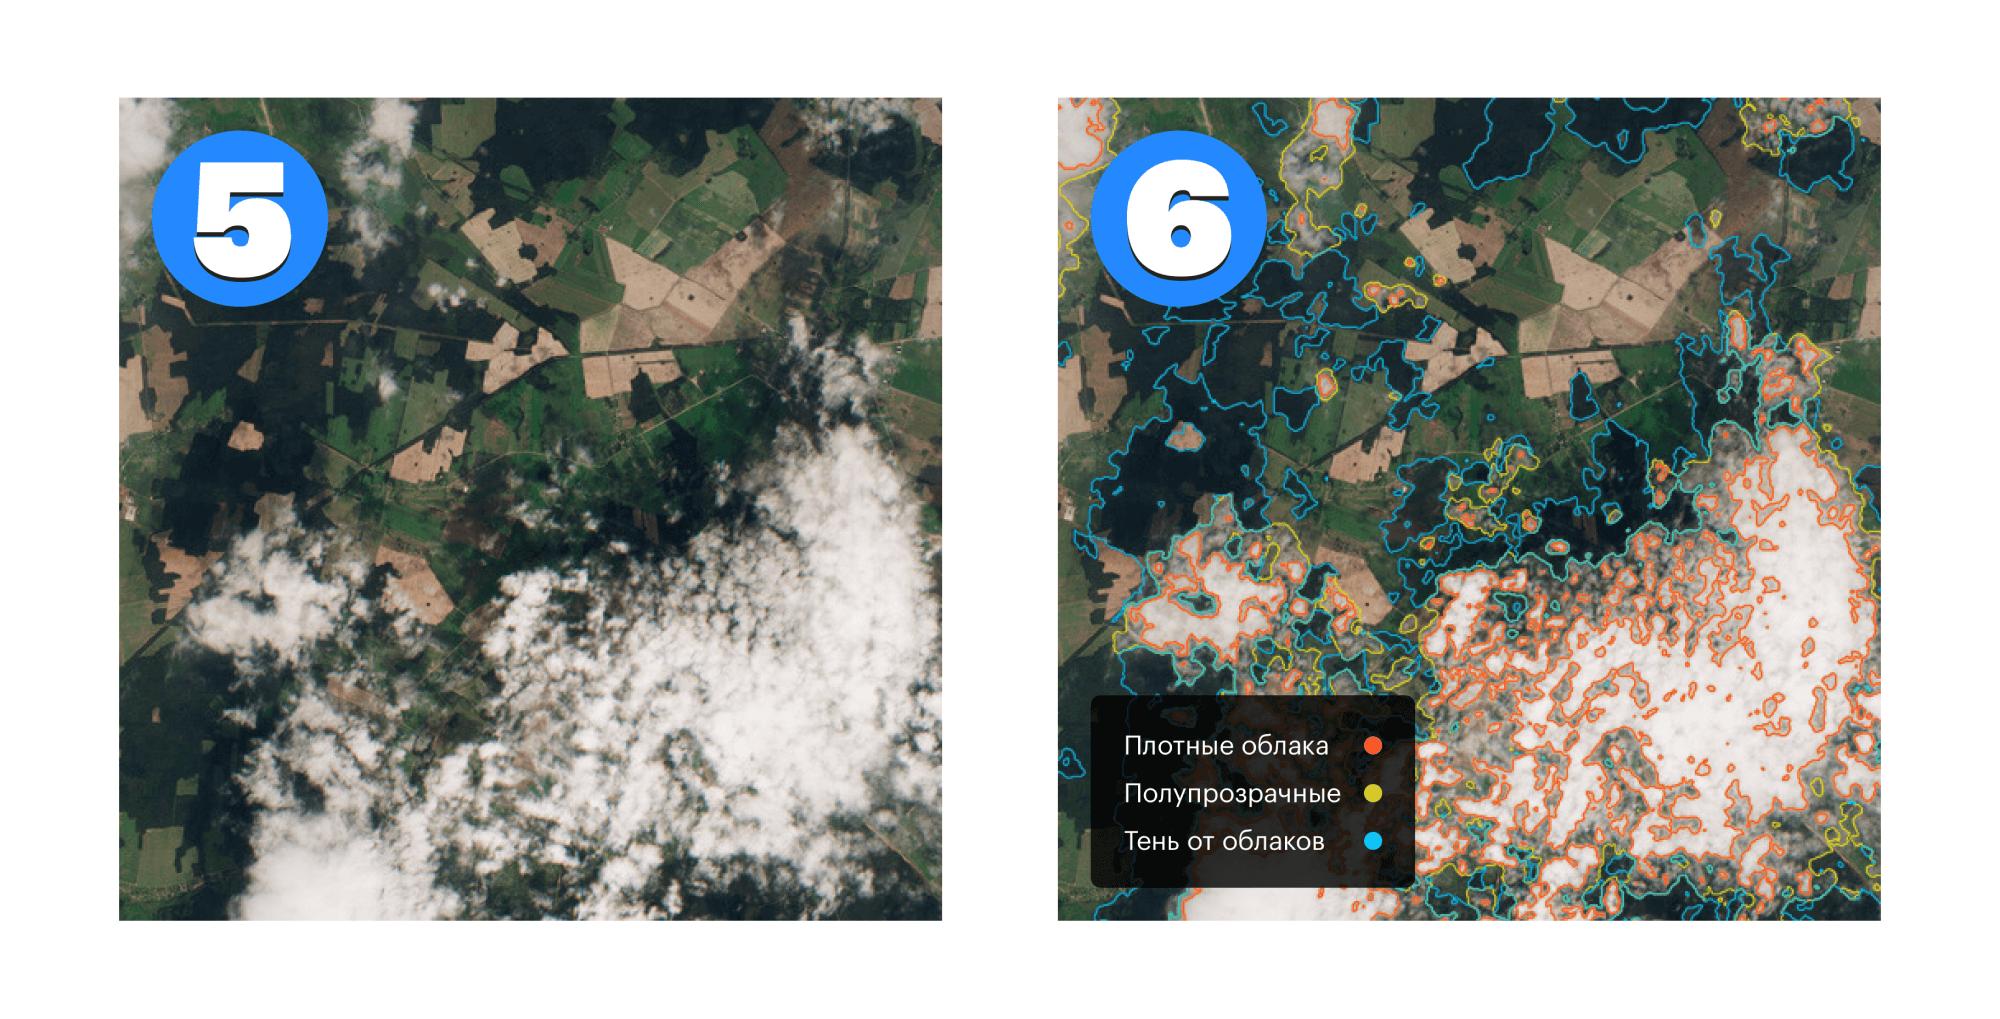 Спутниковый снимок до (5) и после (6) распознавания облаков